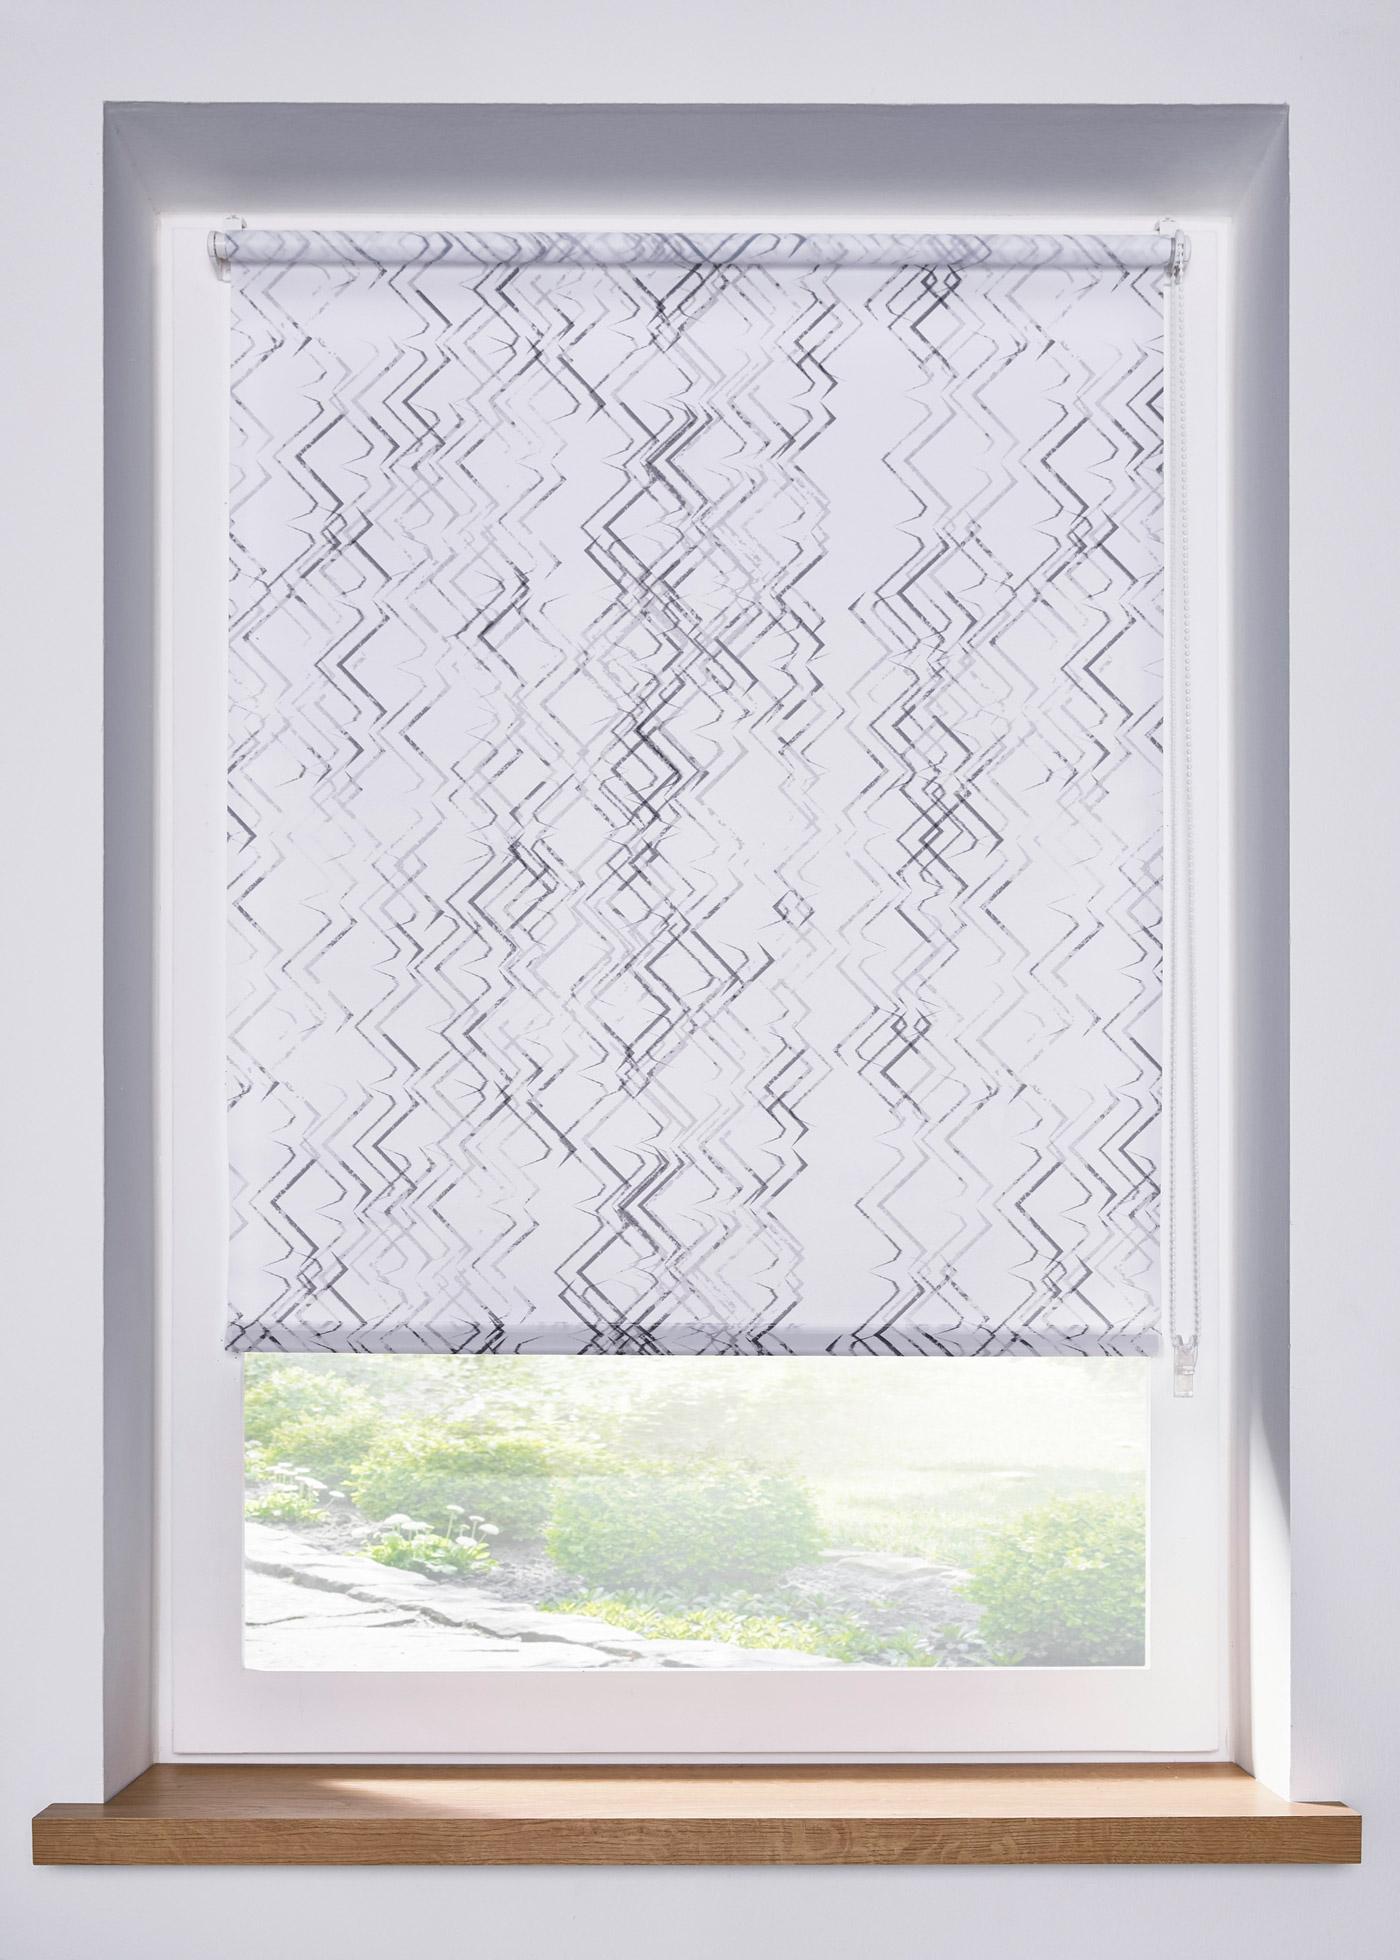 Sichtschutzrollo mit grafischem Druck in weiß von bonprix